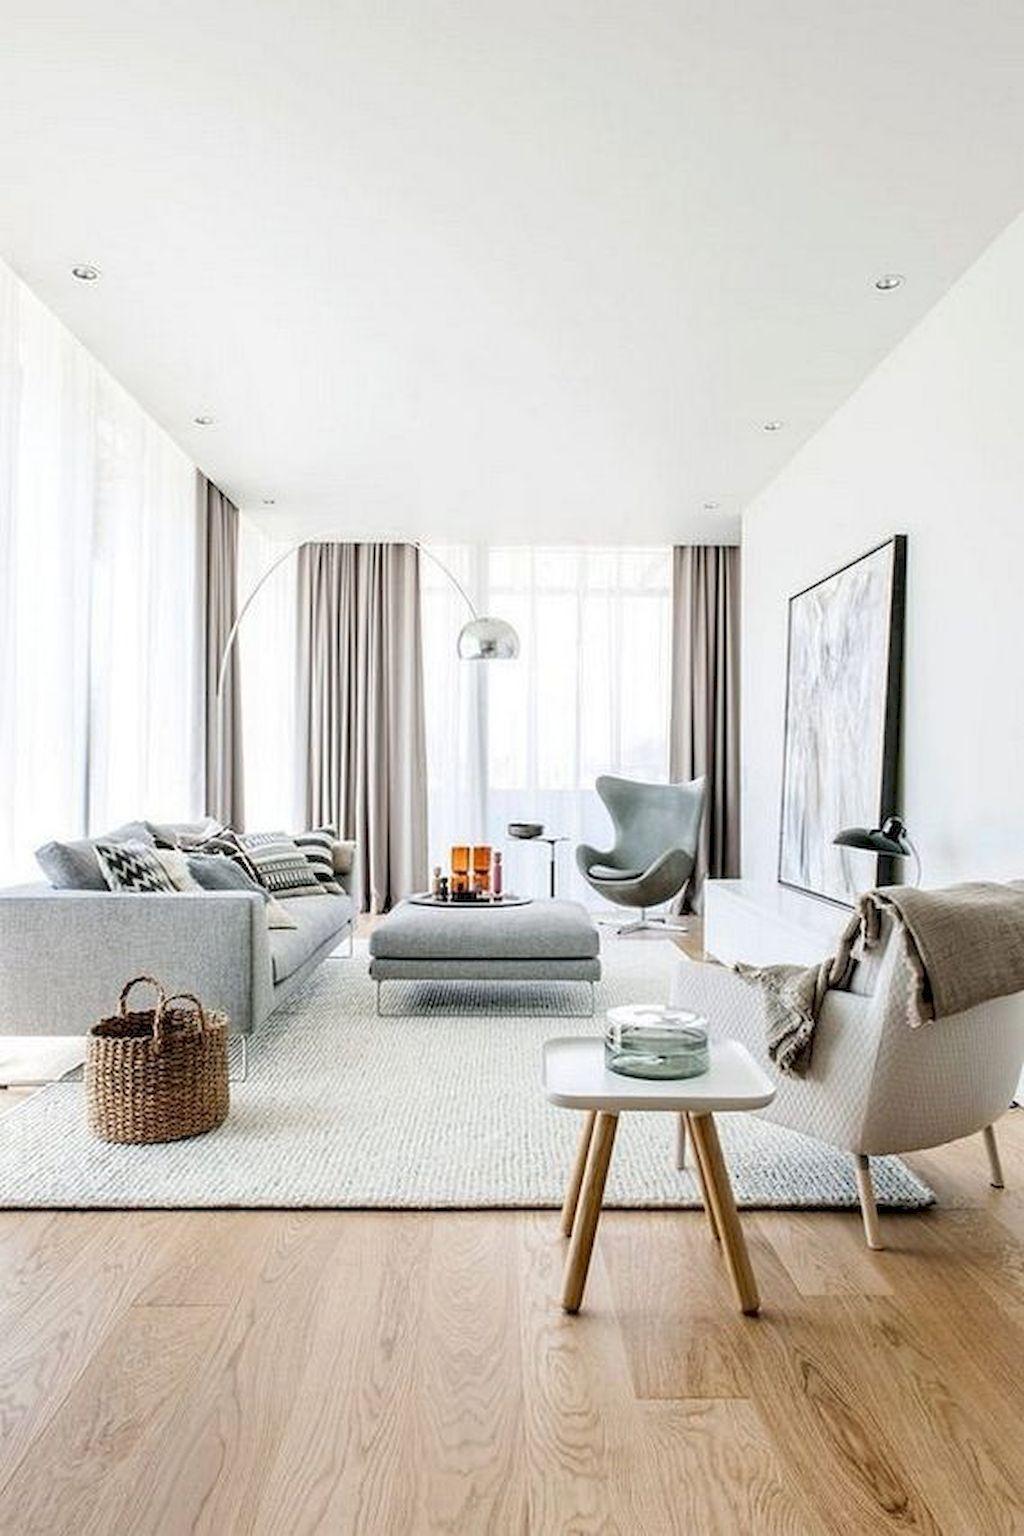 Best Scandinavian Living Room Ideas 34 Modern Minimalist Living Room Living Room Scandinavian Scandinavian Design Living Room